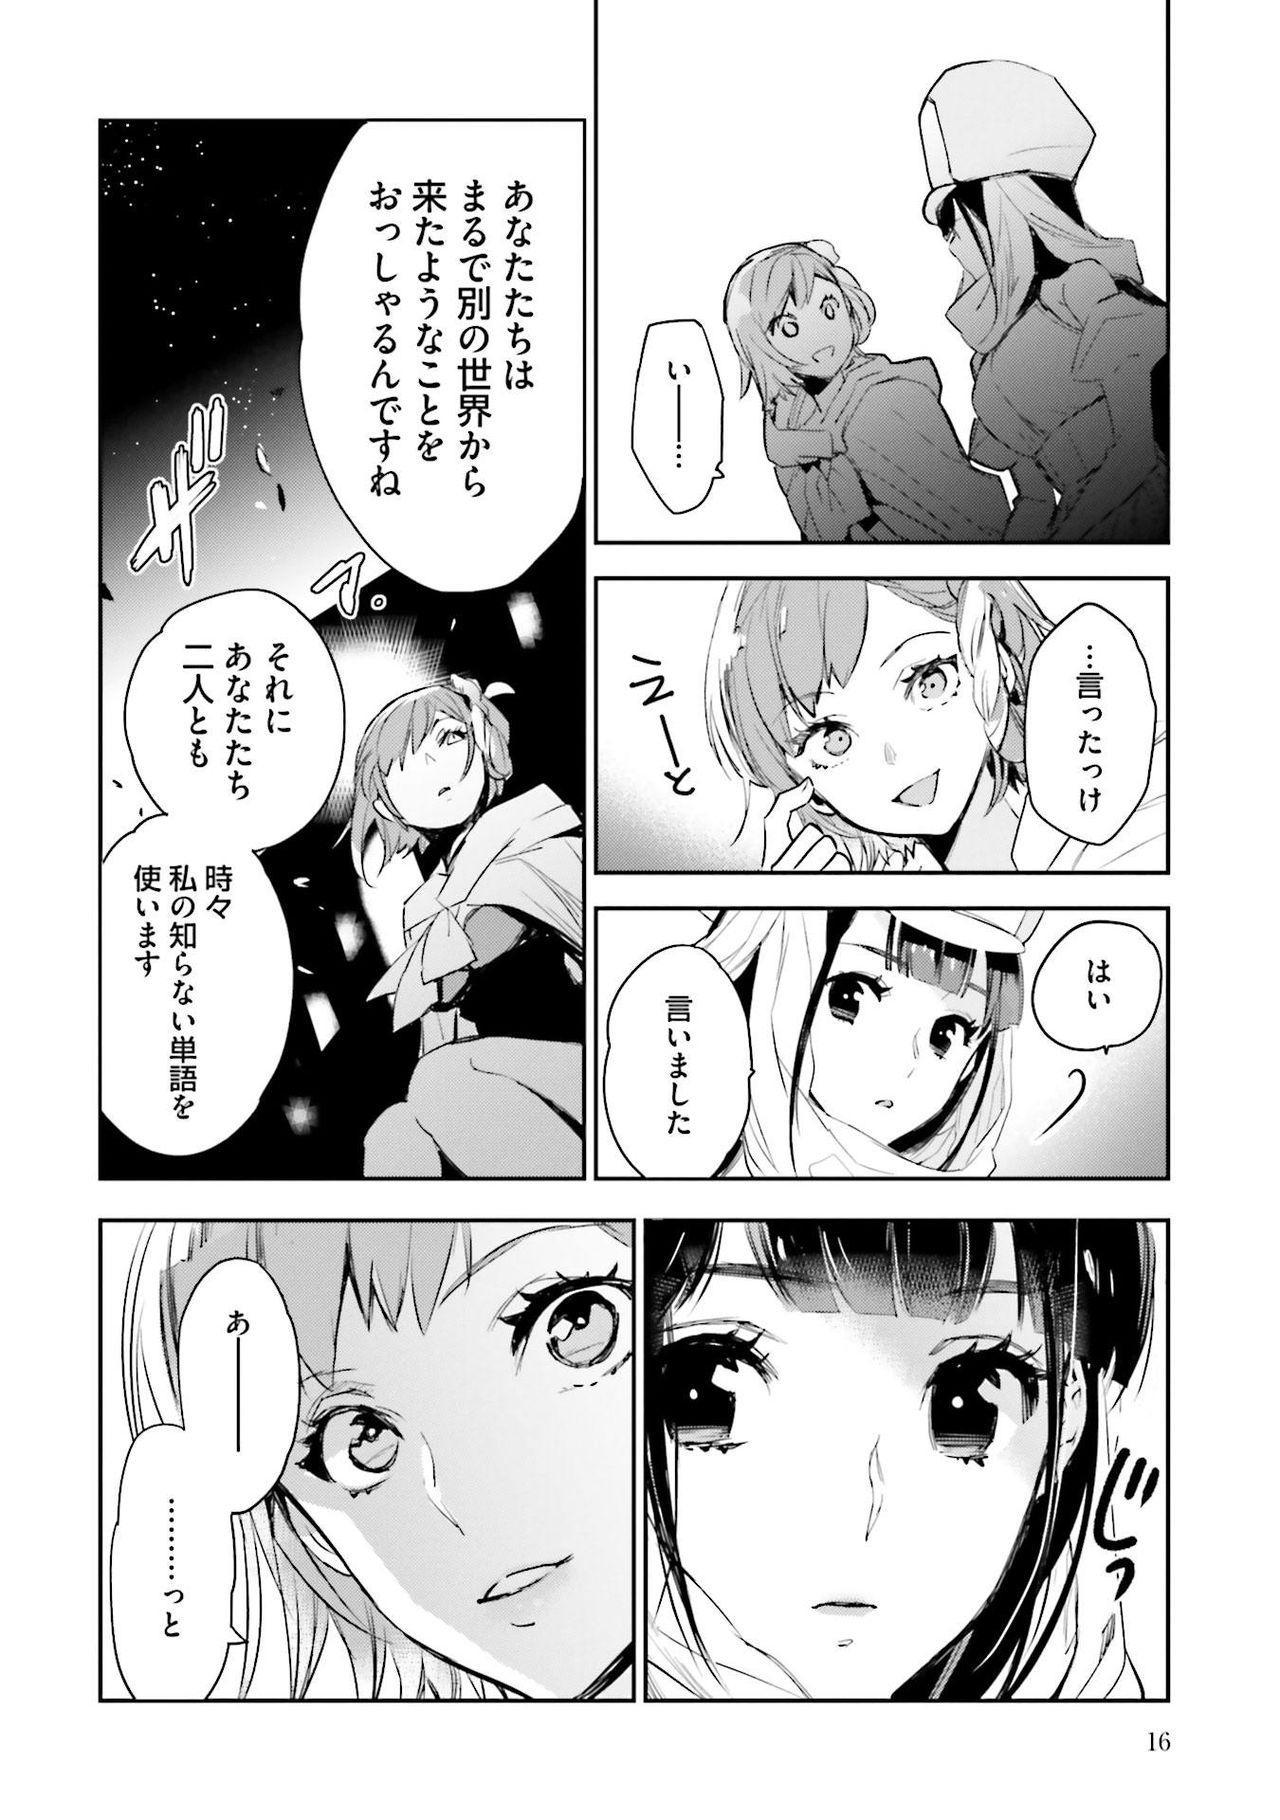 JK Haru wa Isekai de Shoufu ni Natta 1-14 204